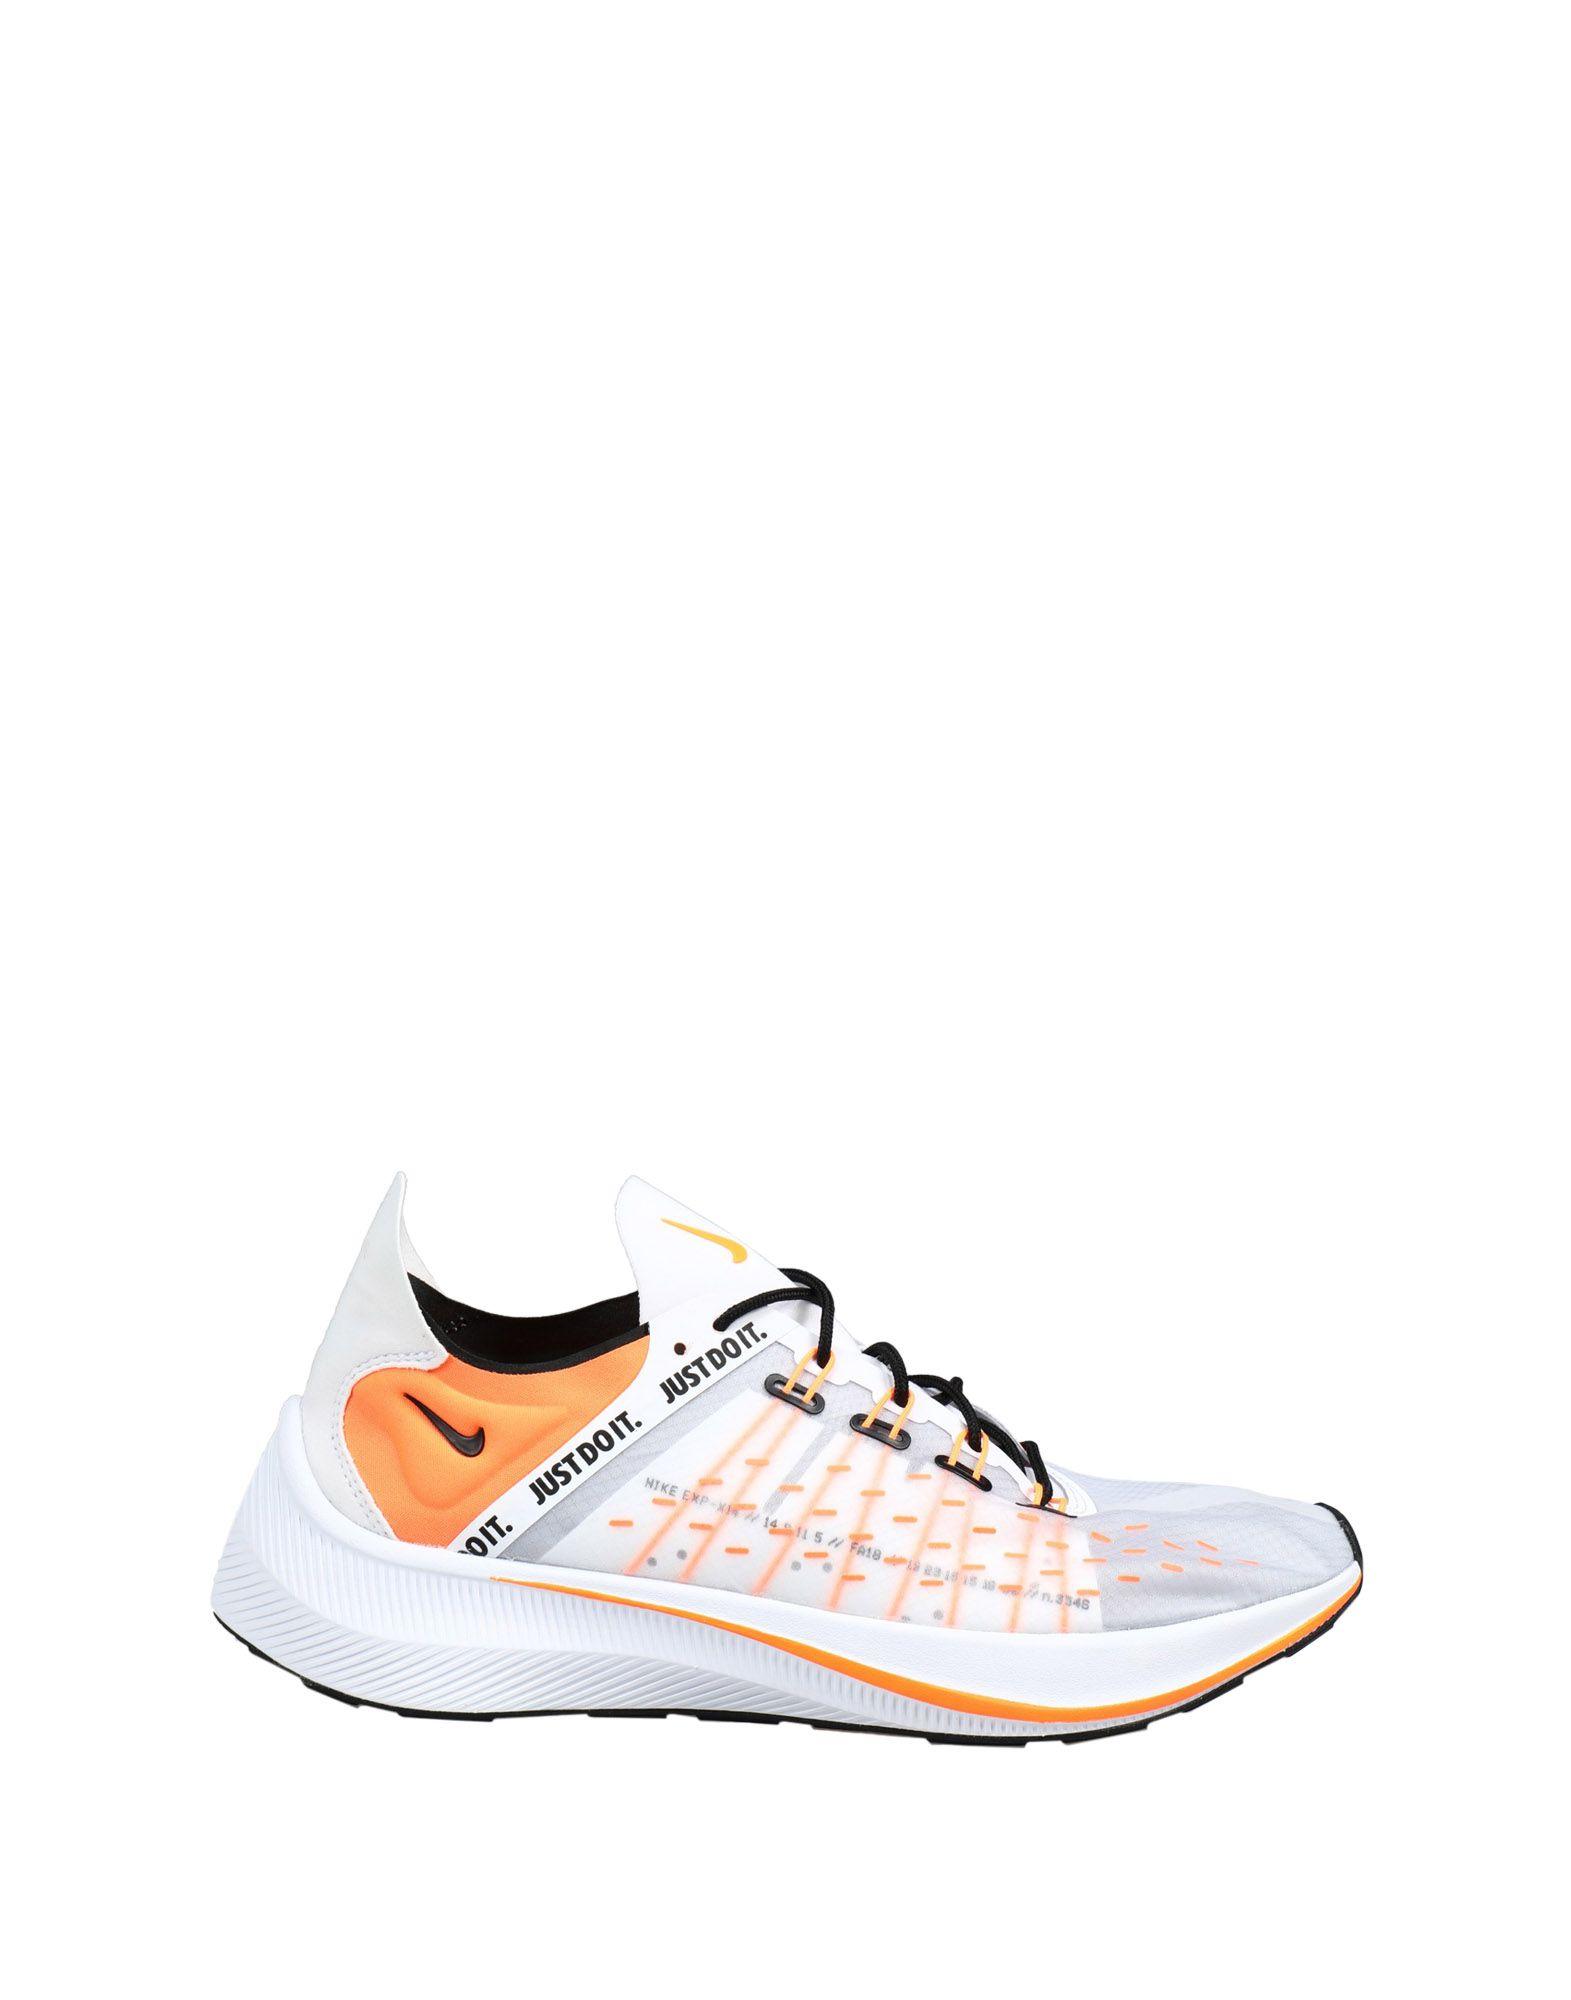 Sneakers Nike   Exp-X14 - Homme - Sneakers Nike  Gris clair Nouvelles chaussures pour hommes et femmes, remise limitée dans le temps